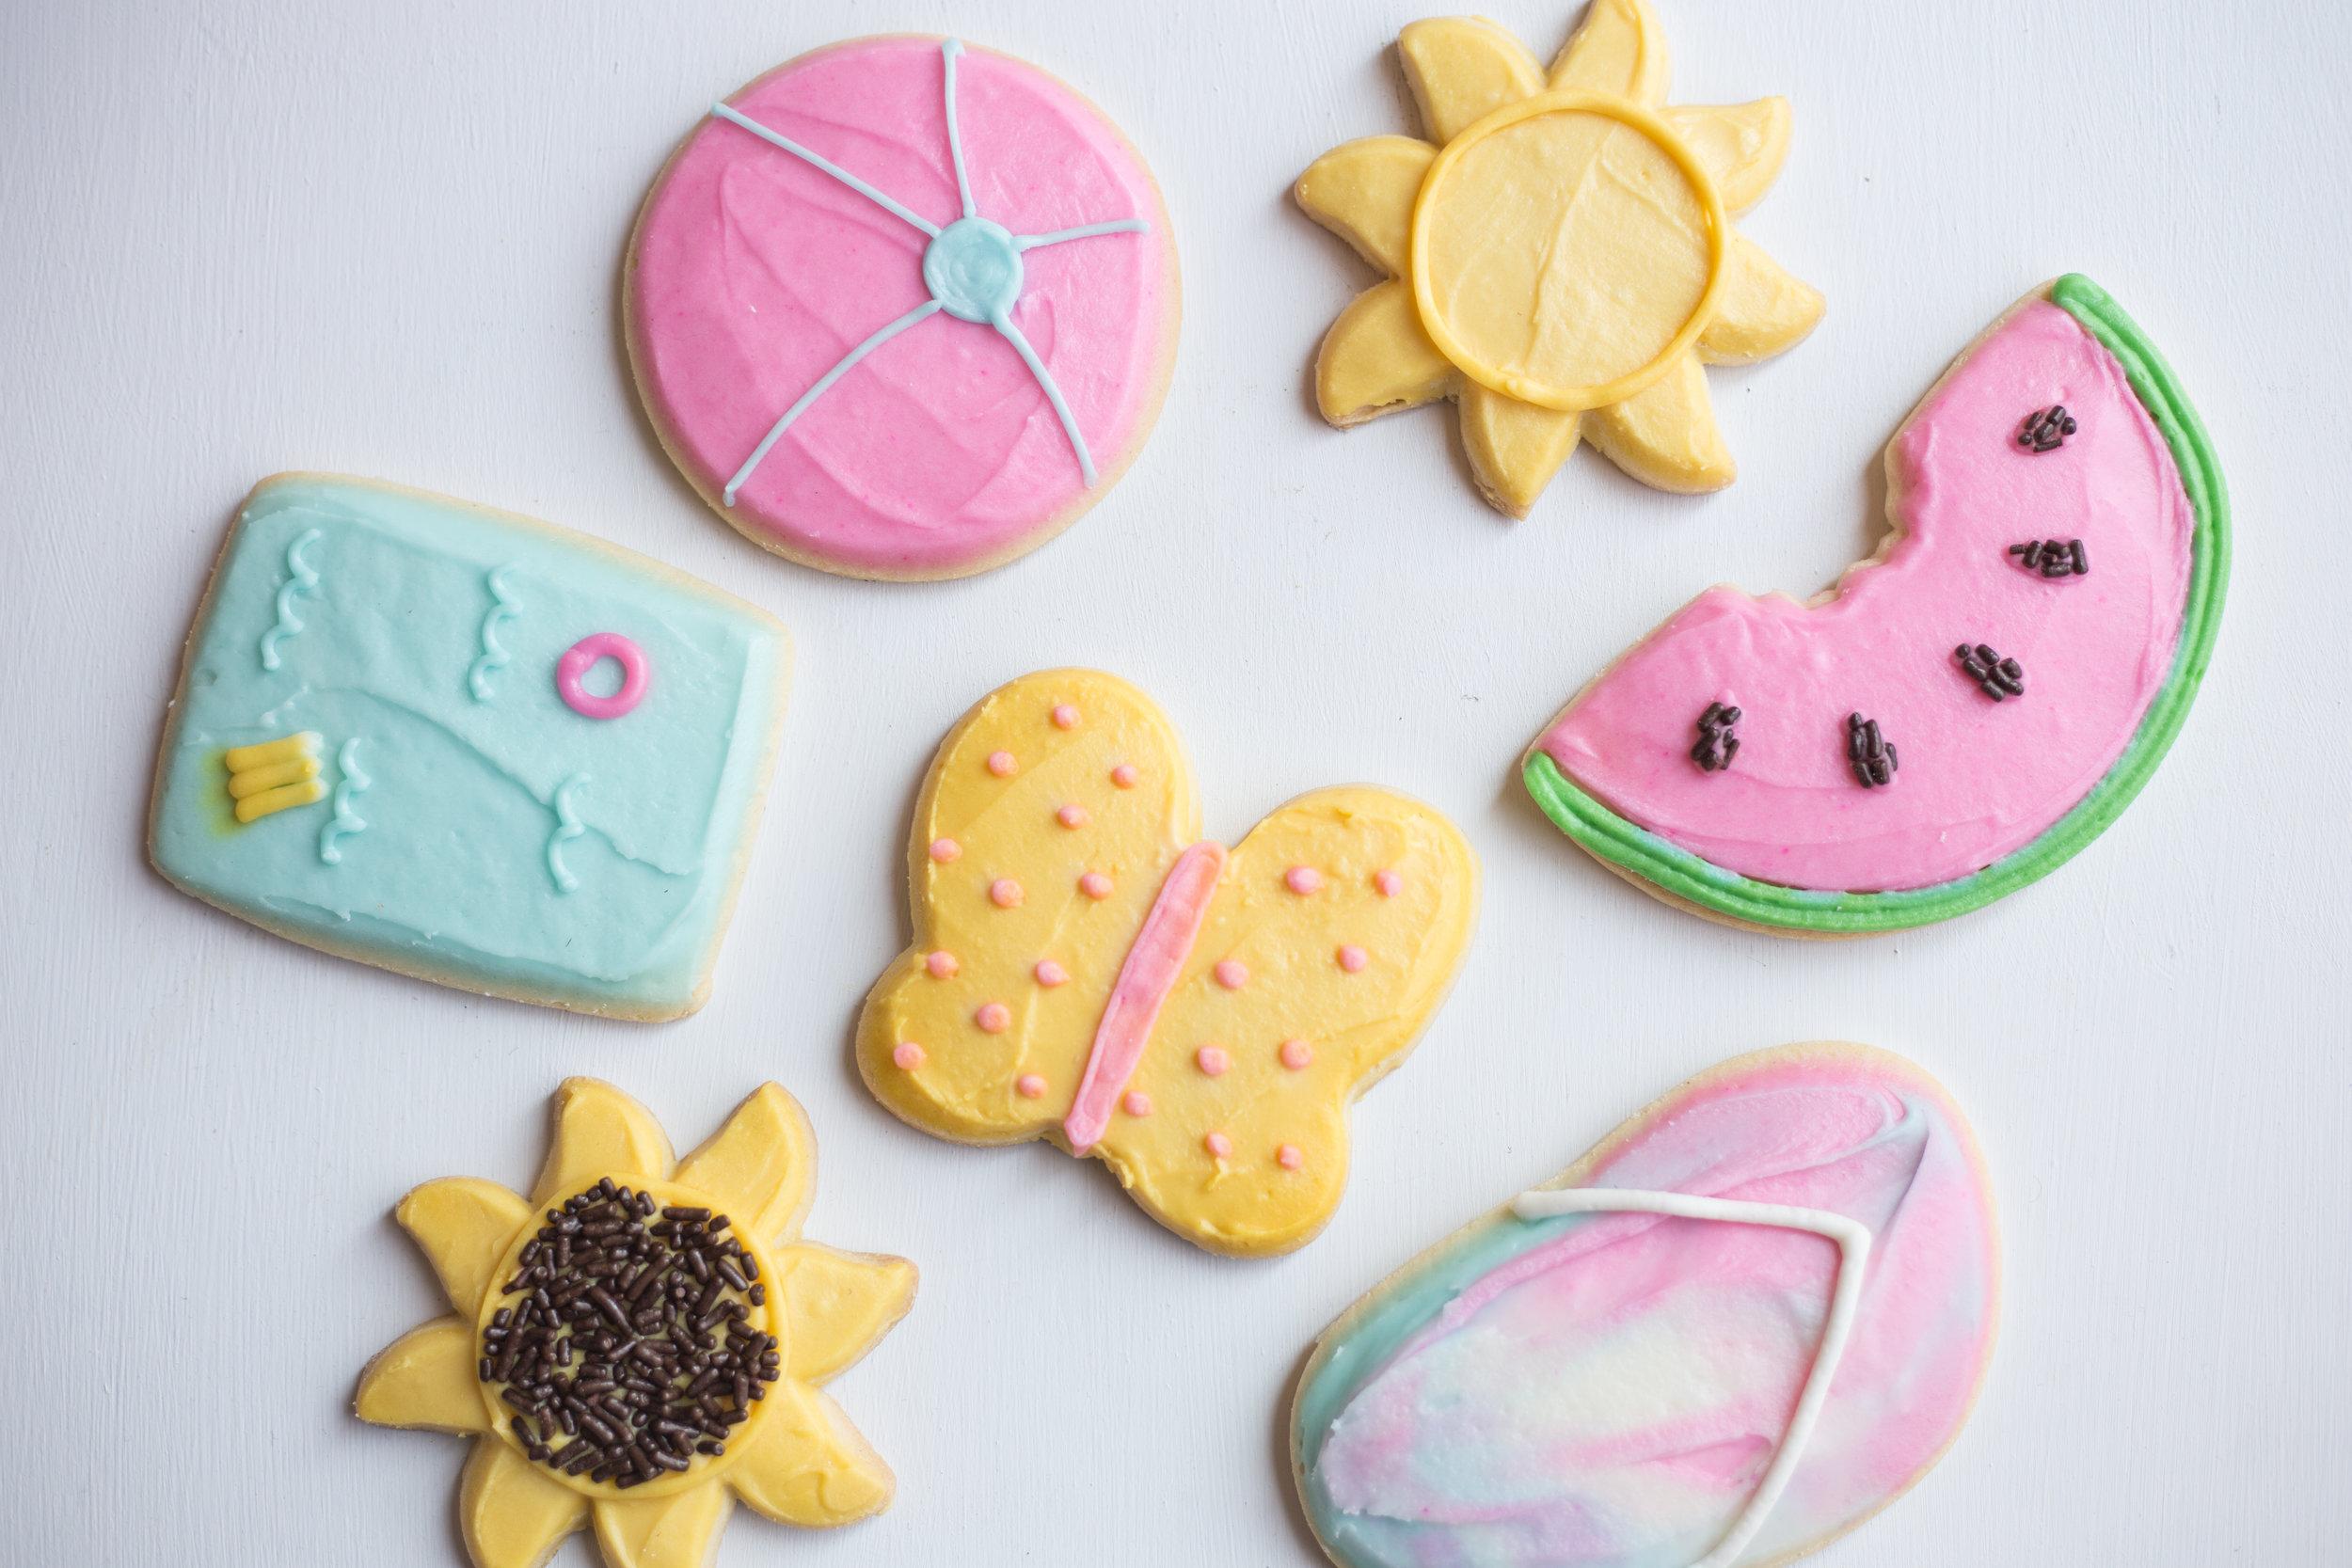 Summer Cookies Final Plated Original Size-1.jpg